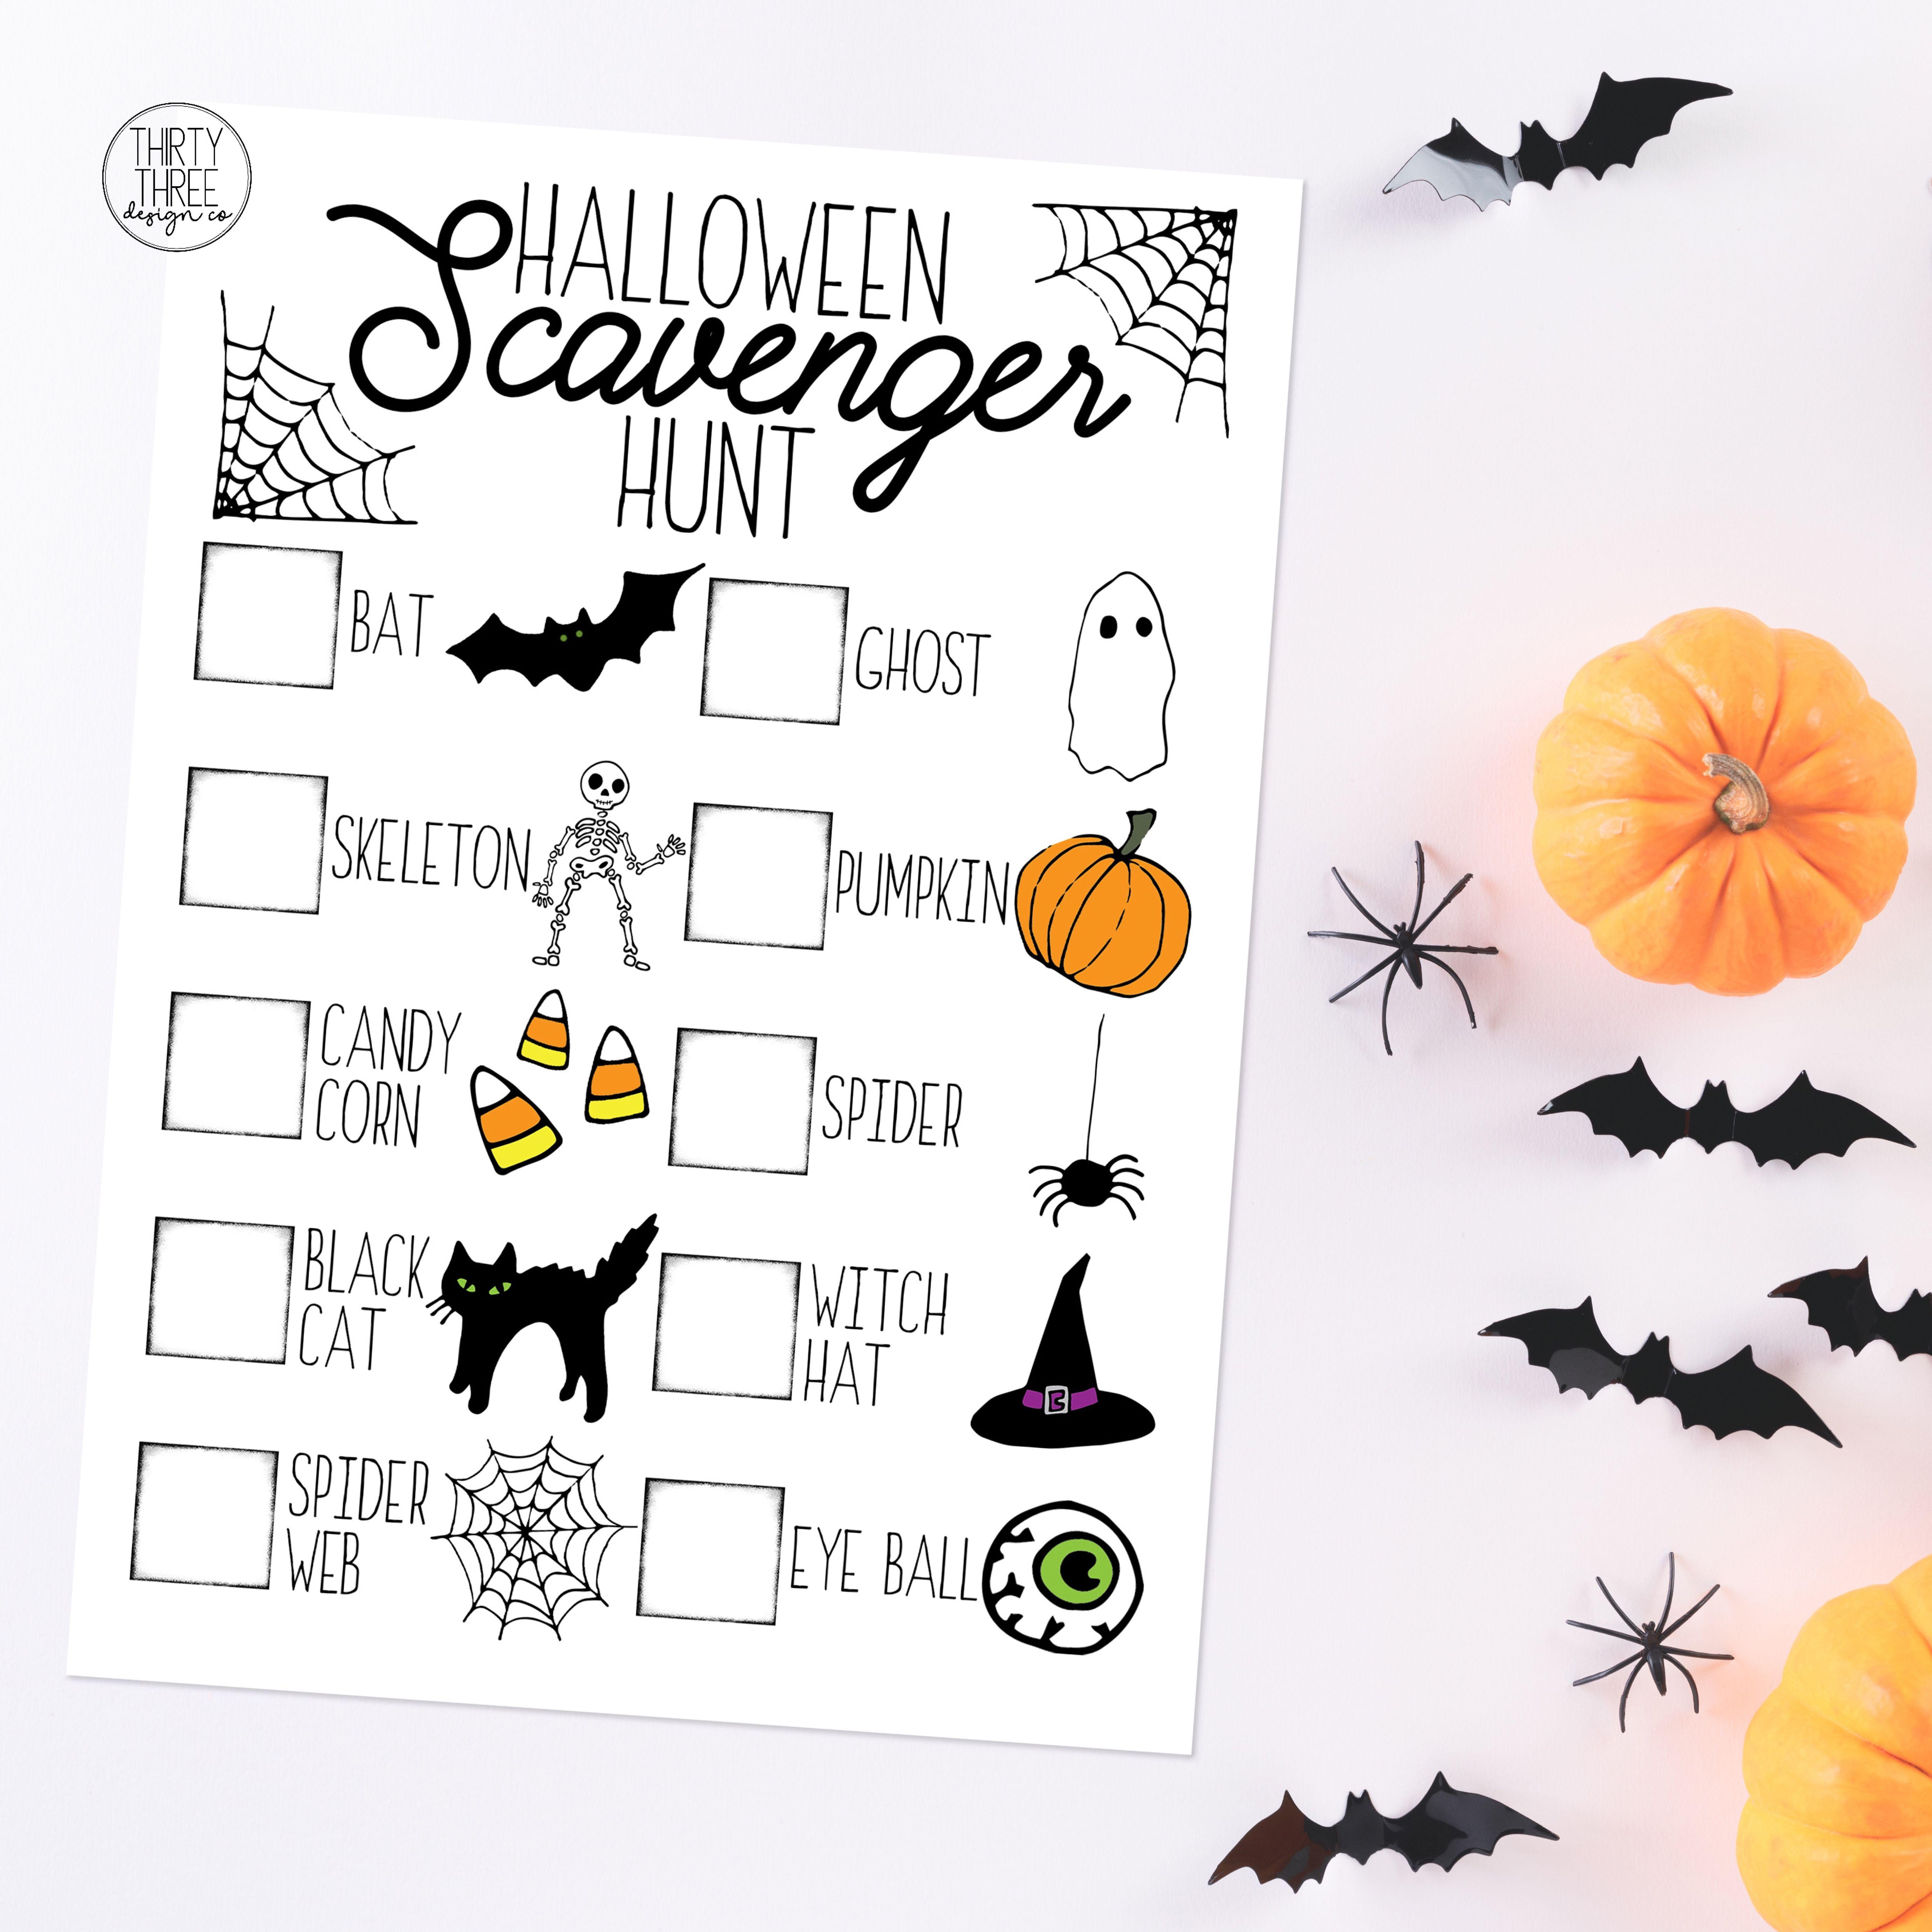 Classroom Halloween Activities 2020 Halloween Scavenger Hunt / Printable Halloween Kids Activity